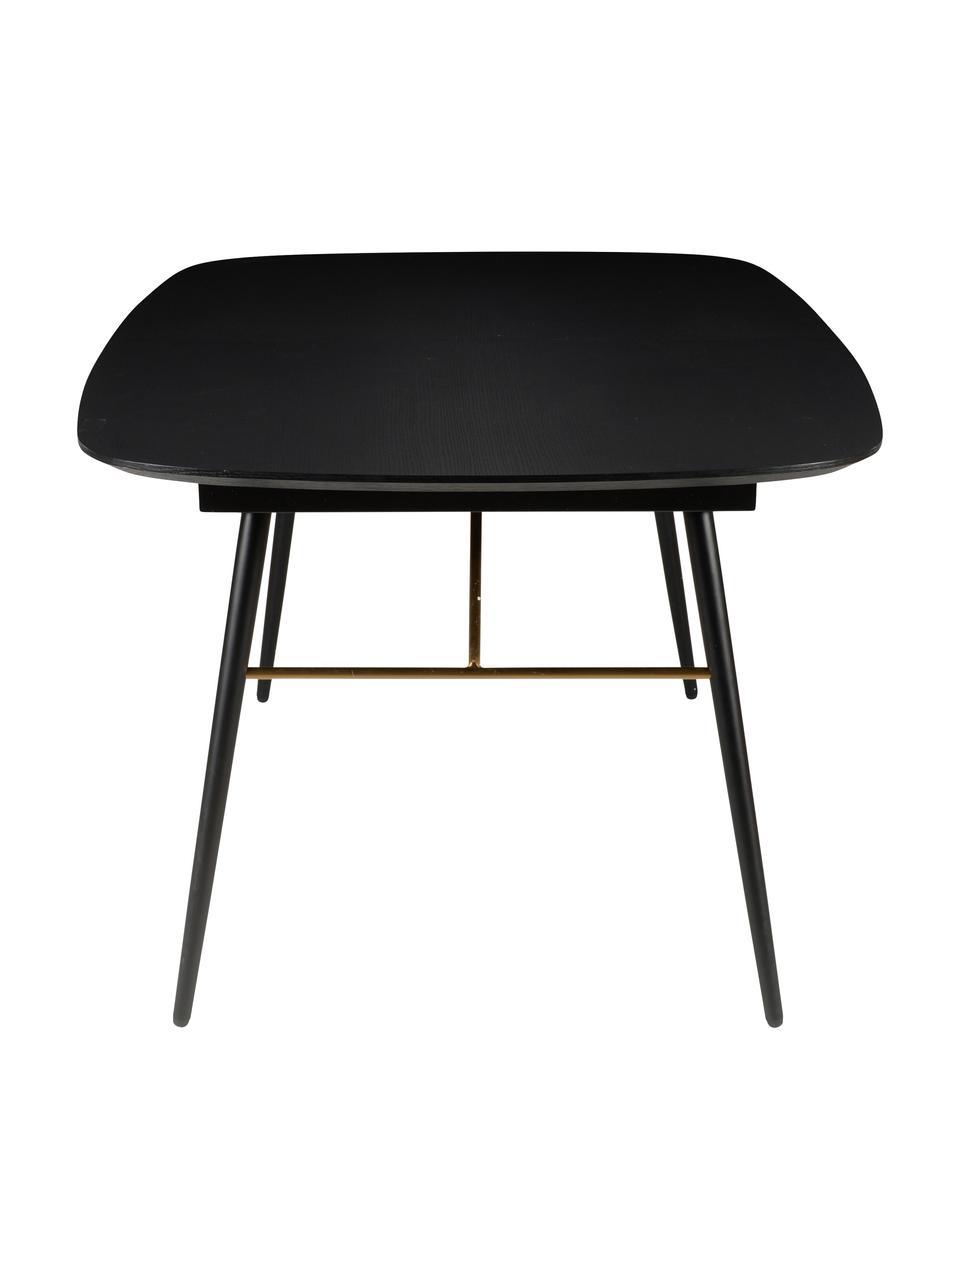 Stół rozkładany do jadalni Verona, Blat: płyta pilśniowa średniej , Czarny, mosiądz, S 180 do 230 x G 105 cm